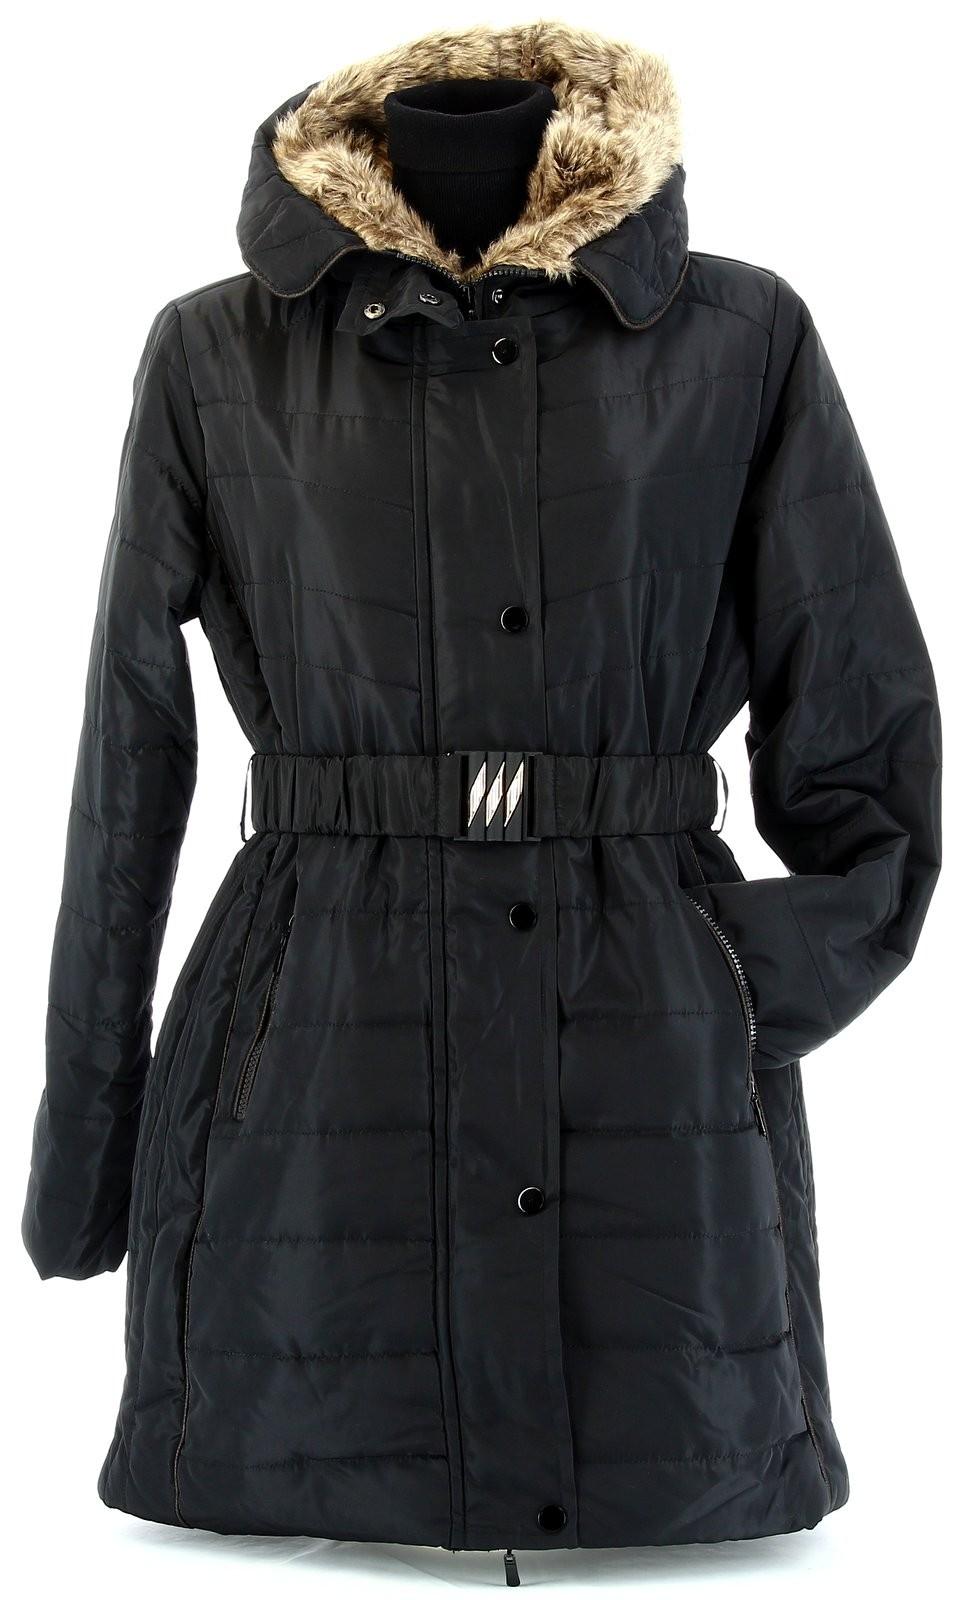 doudoune longue capuche fourrure grande taille hiver noir. Black Bedroom Furniture Sets. Home Design Ideas